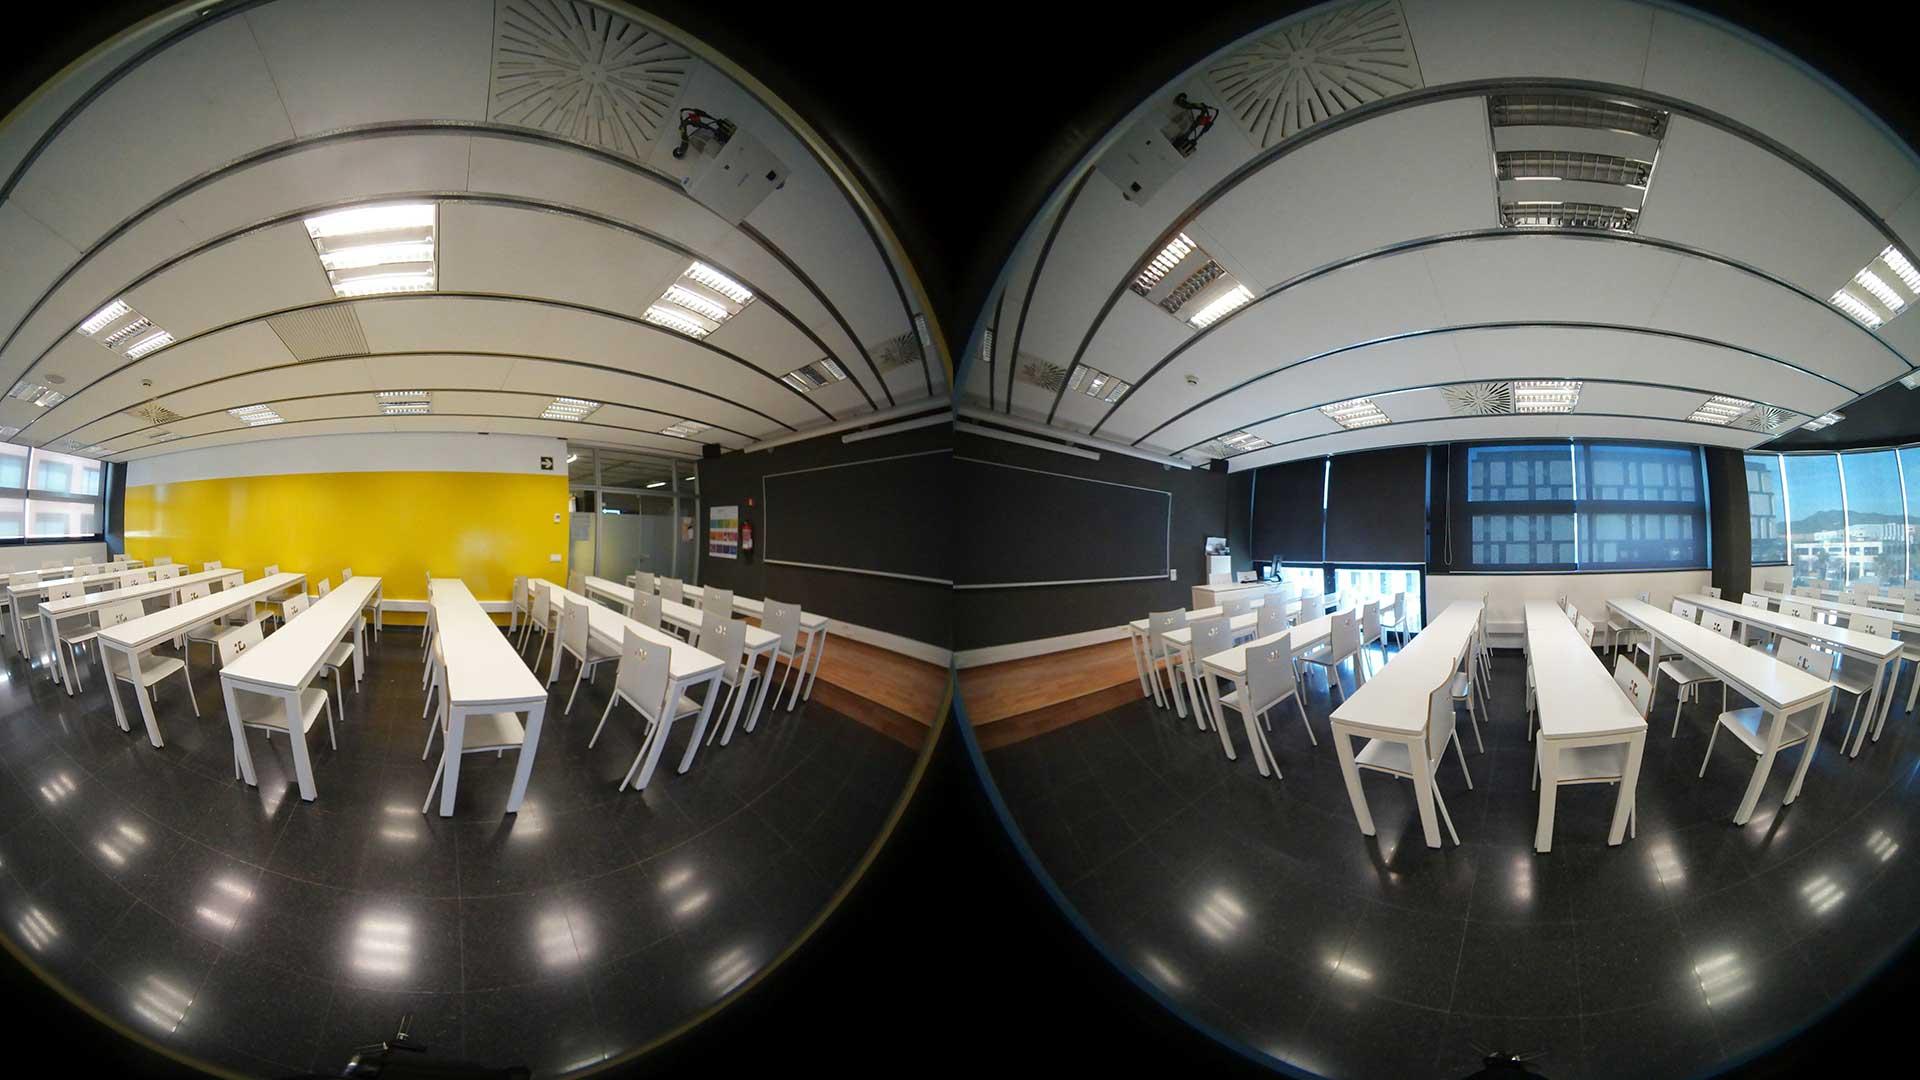 Demostración de proyecto en Realidad Virtual 360 para evento